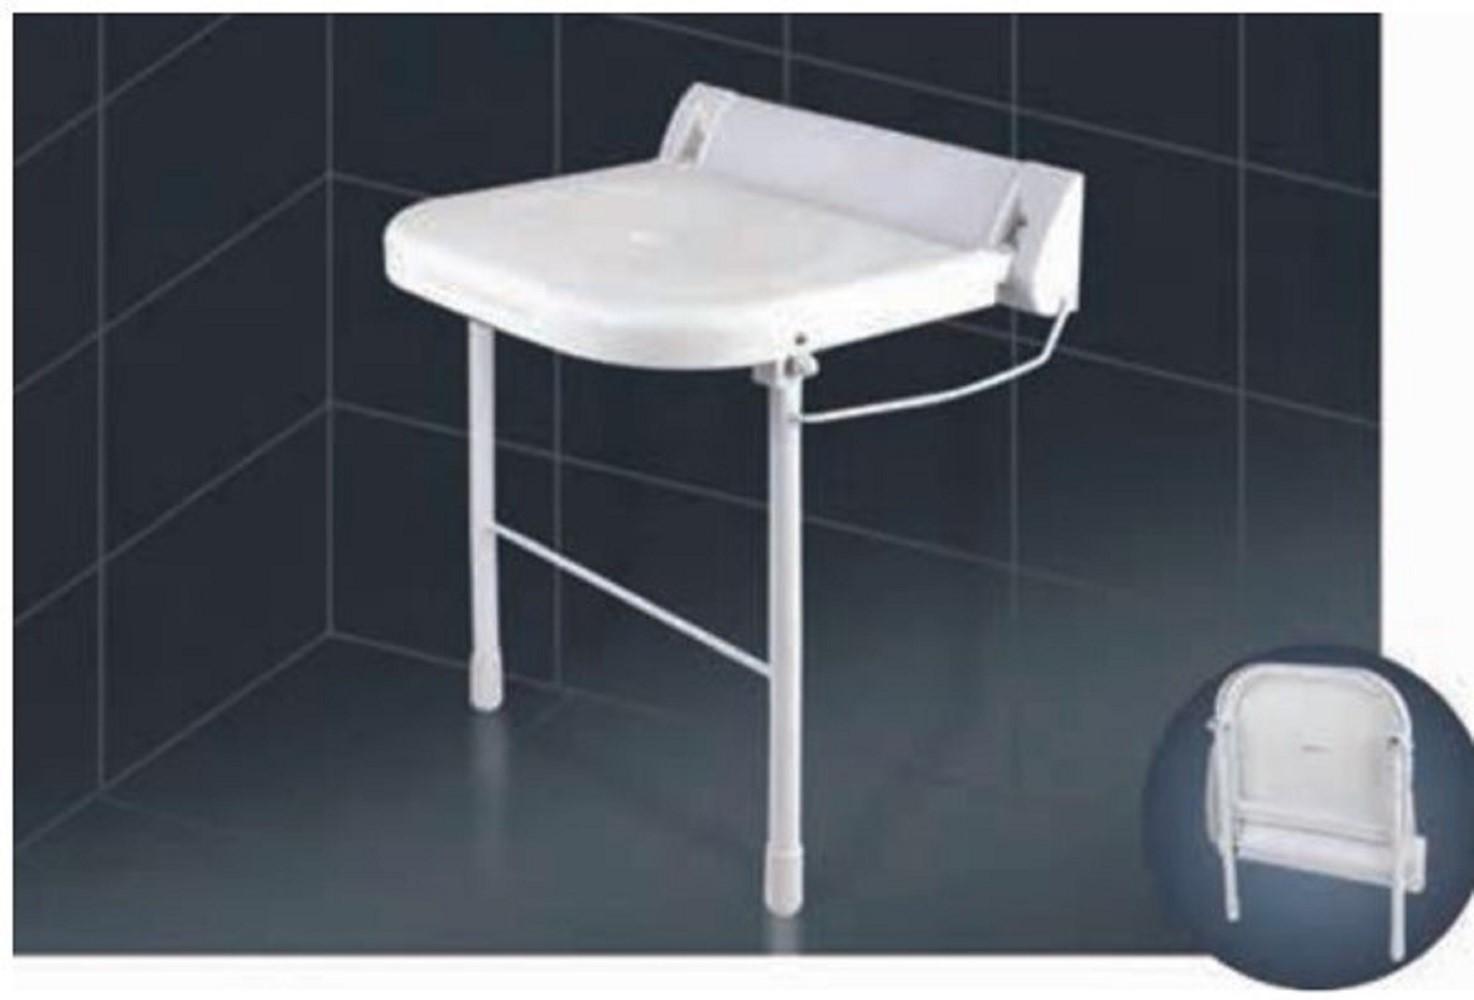 Duschklappsitz mit Stützfüßen Weklas